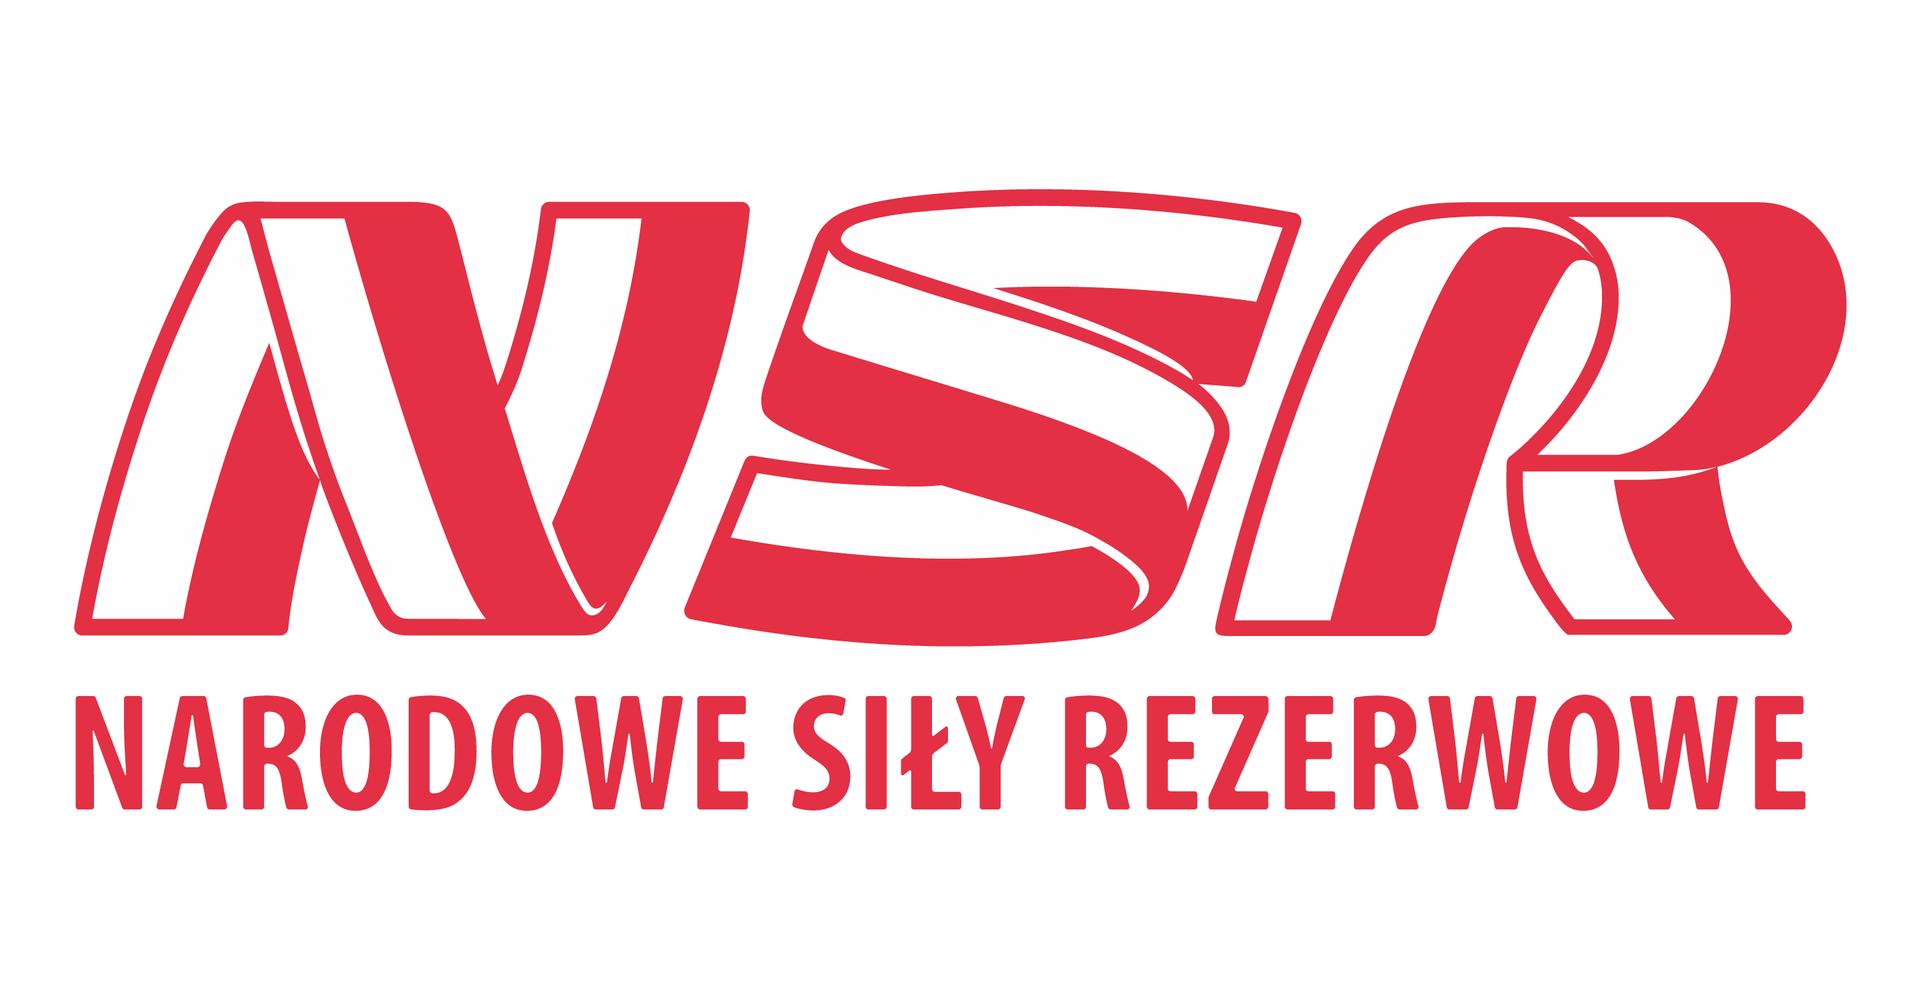 Ilustracja przedstawia logo Narodowych Sił Rezerwowych. Logo to trzy litery NSR. Litery otacza czerwona wąska obwódka. Powierzchnia każdej litery to barwy flagi polskiej. Lewa strona każdej litery to pas biały. Prawa strona to pas czerwony. Poniżej czerwony napis: Narodowe Siły Rezerwowe.